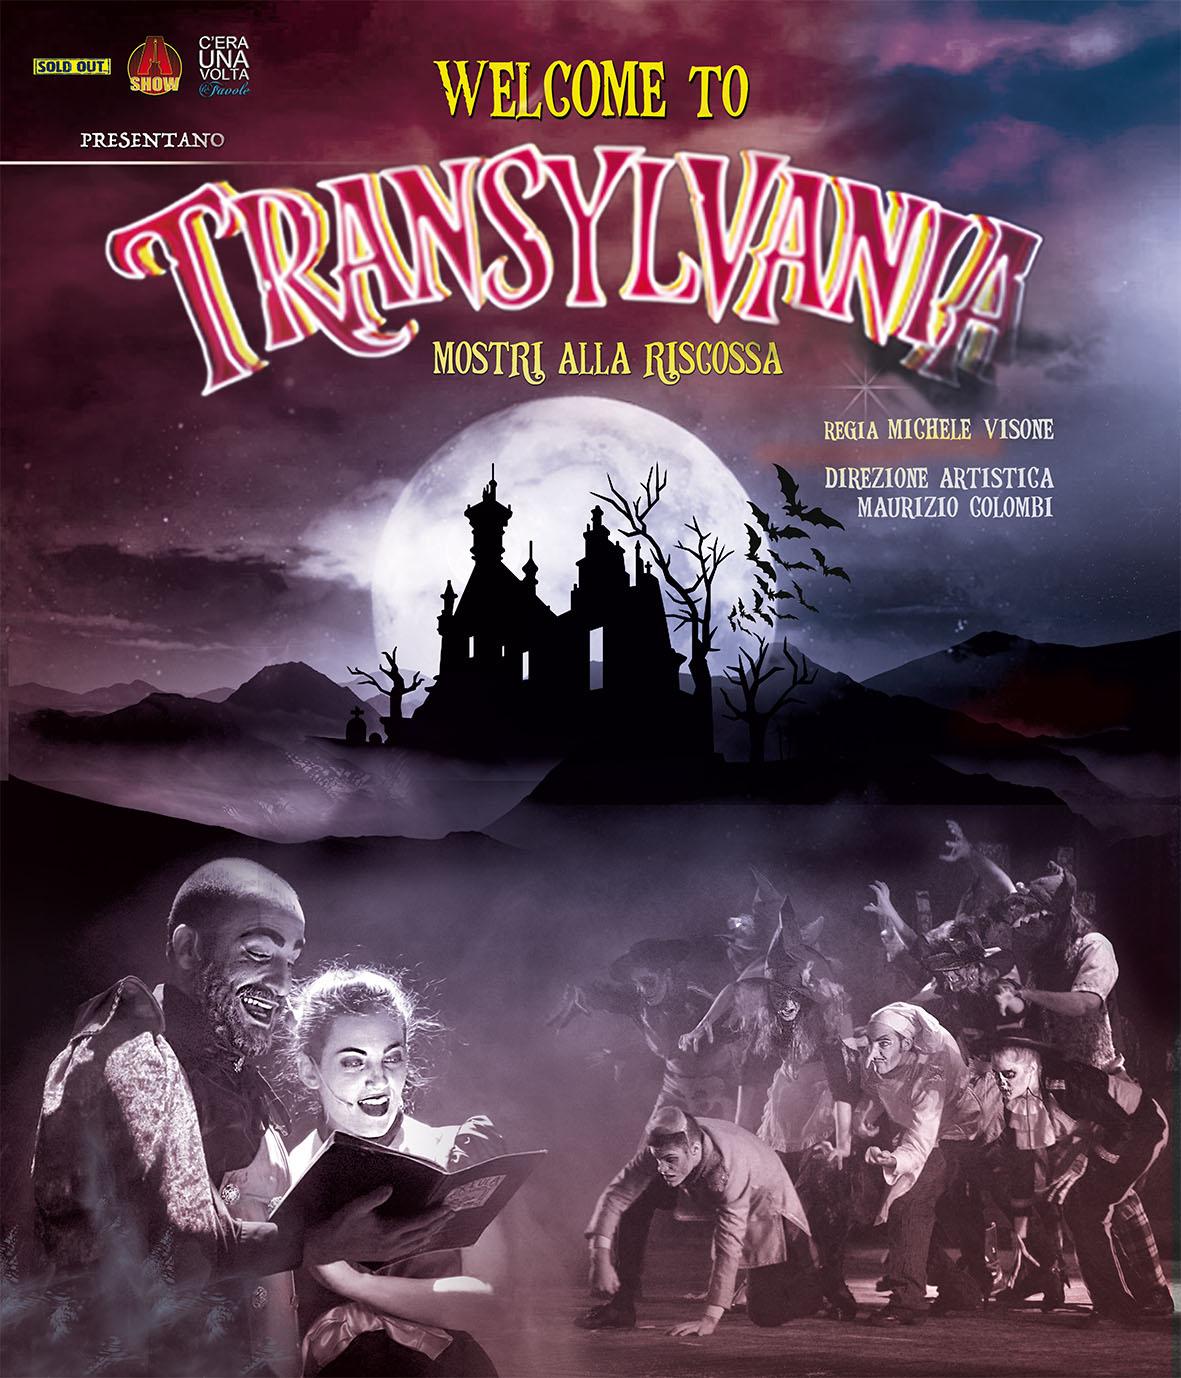 Teatro Arcimboldi - WELCOME TO TRANSYLVANIA MOSTRI ALLA RISCOSSA